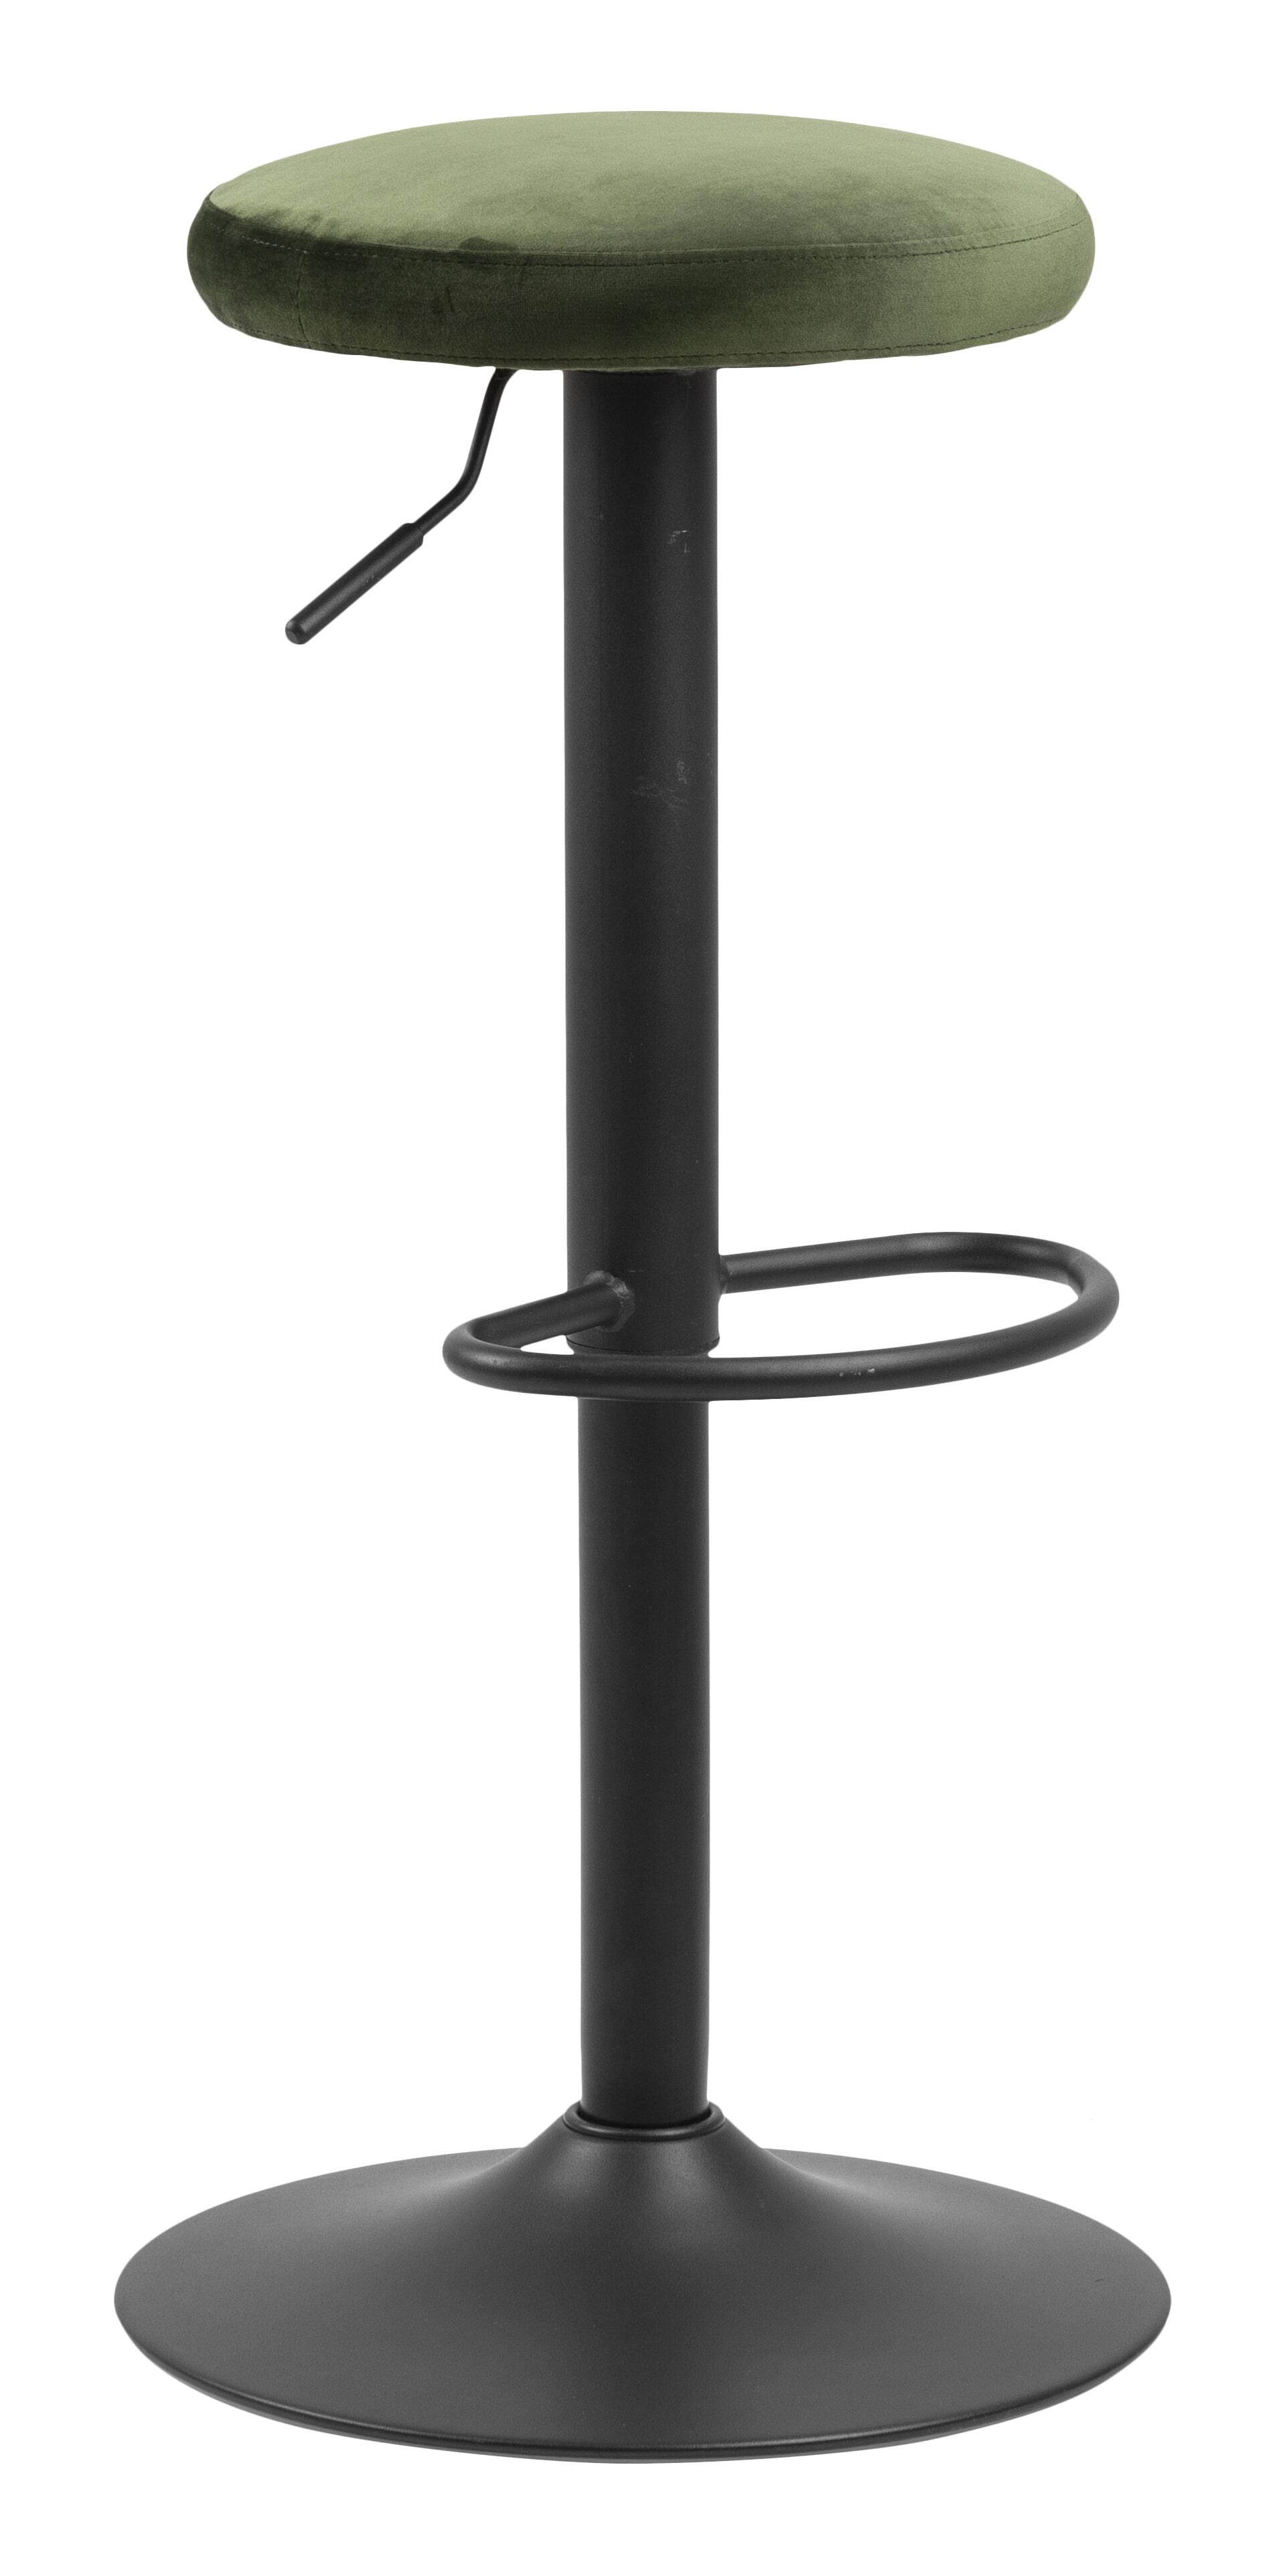 Bendt Barkruk 'Inger' Velvet (zithoogte 62-82cm), kleur Forest Green